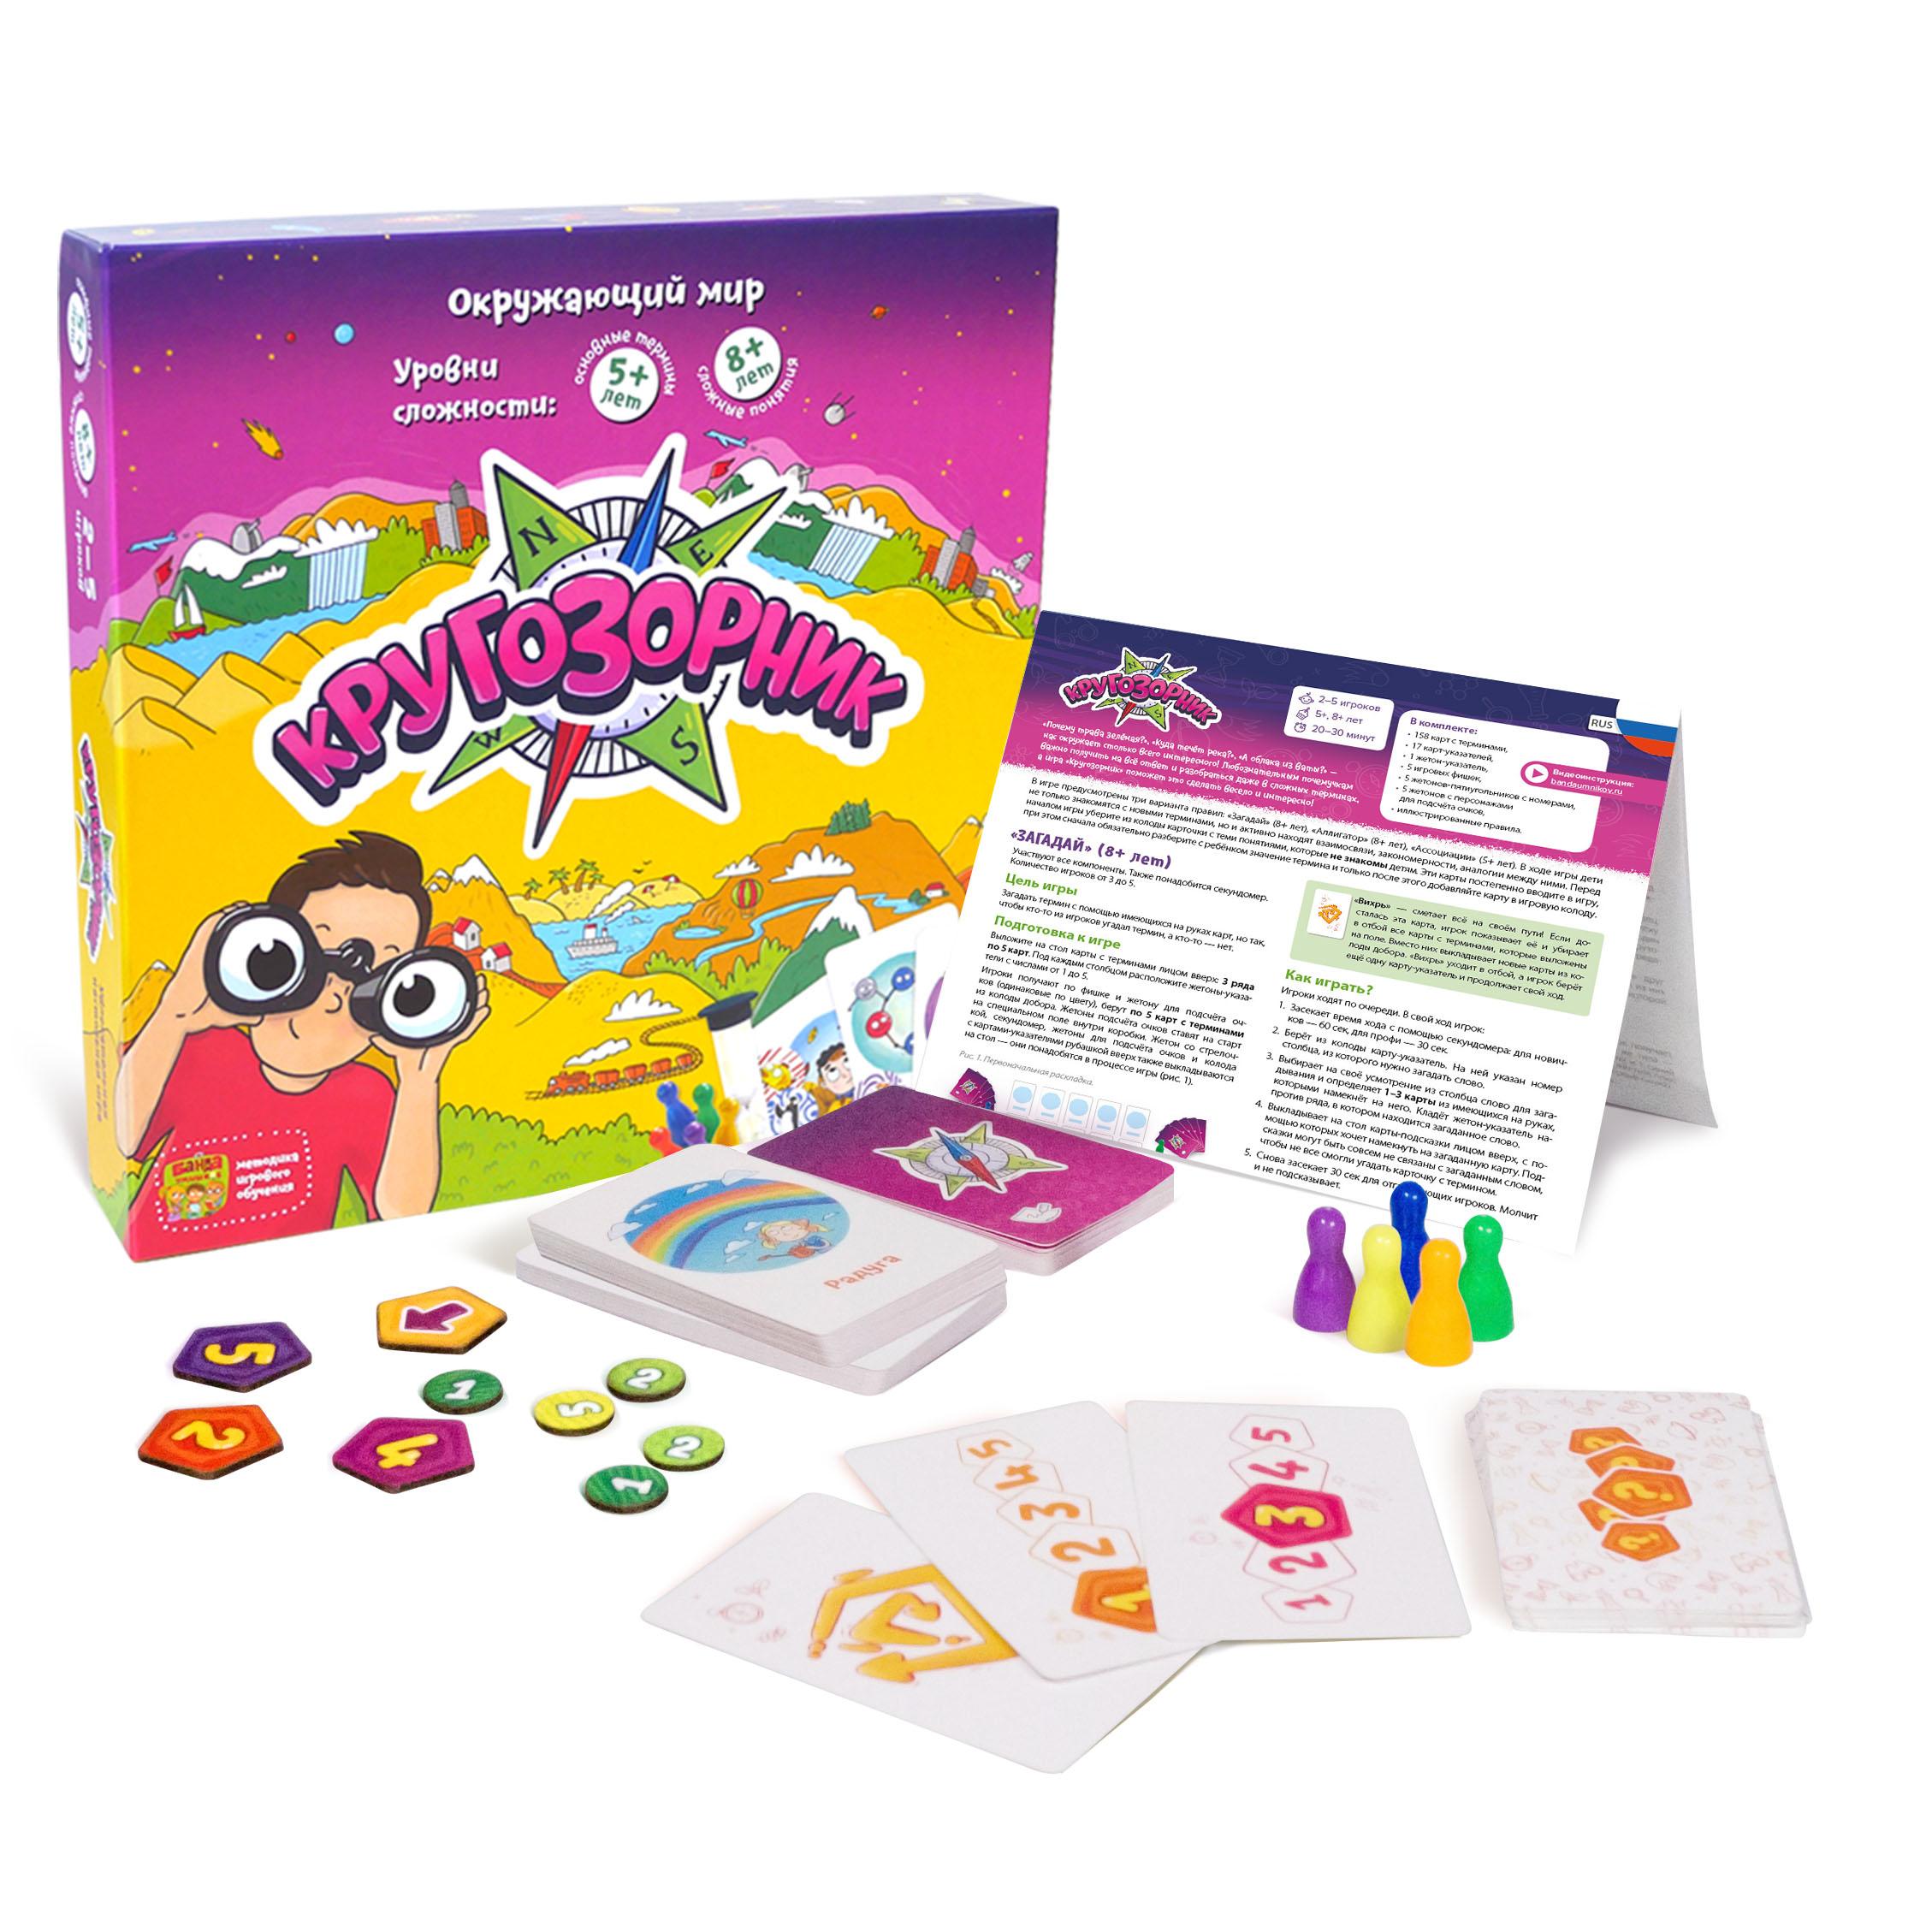 Рядом с коробкой игры выложены все компоненты.